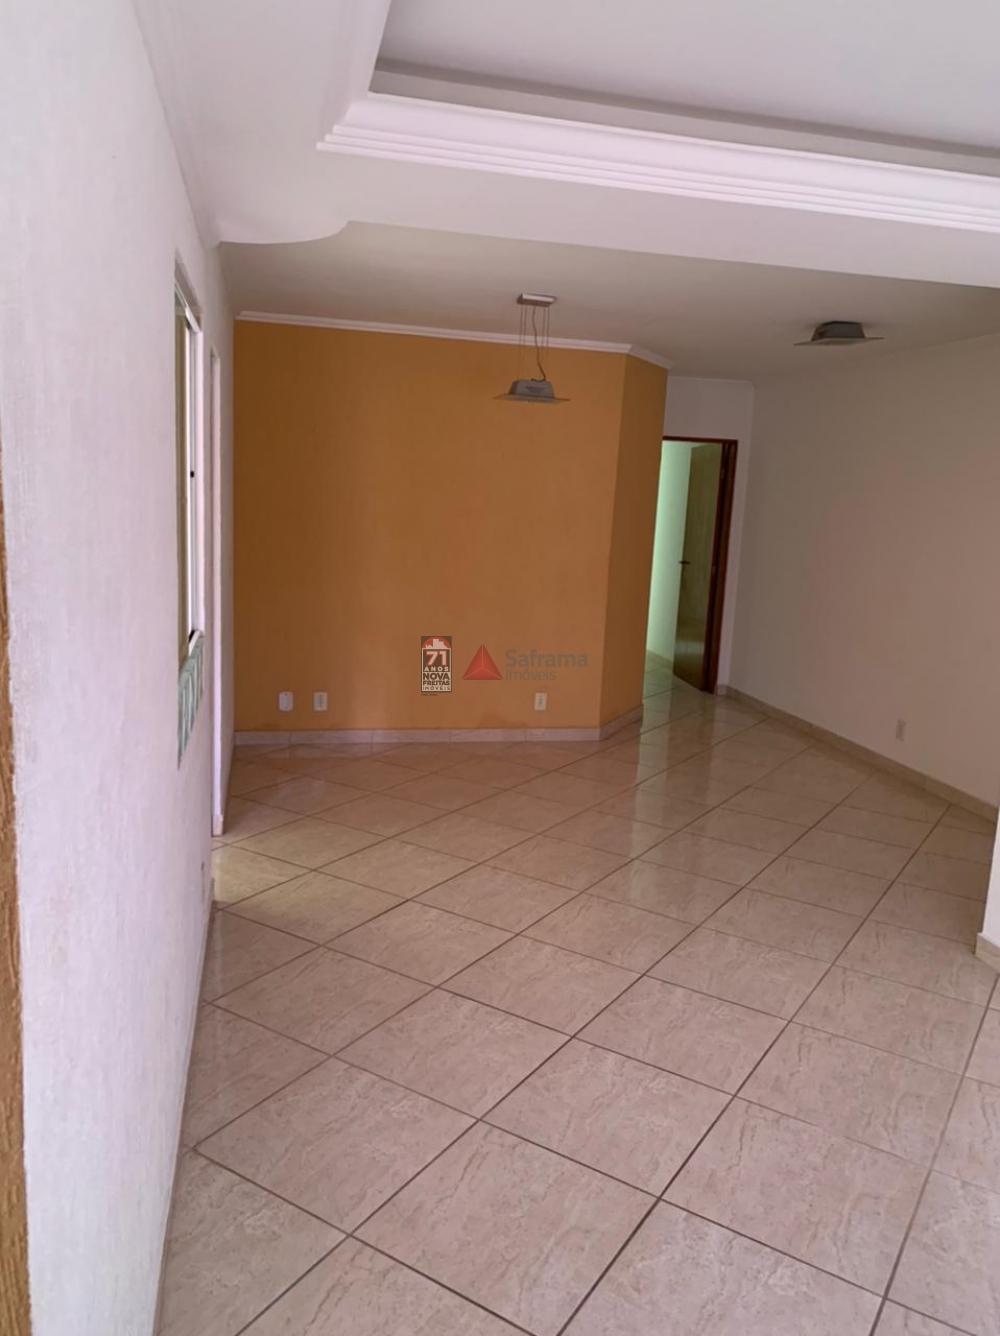 Apartamento / Padrão em Pindamonhangaba , Comprar por R$260.000,00